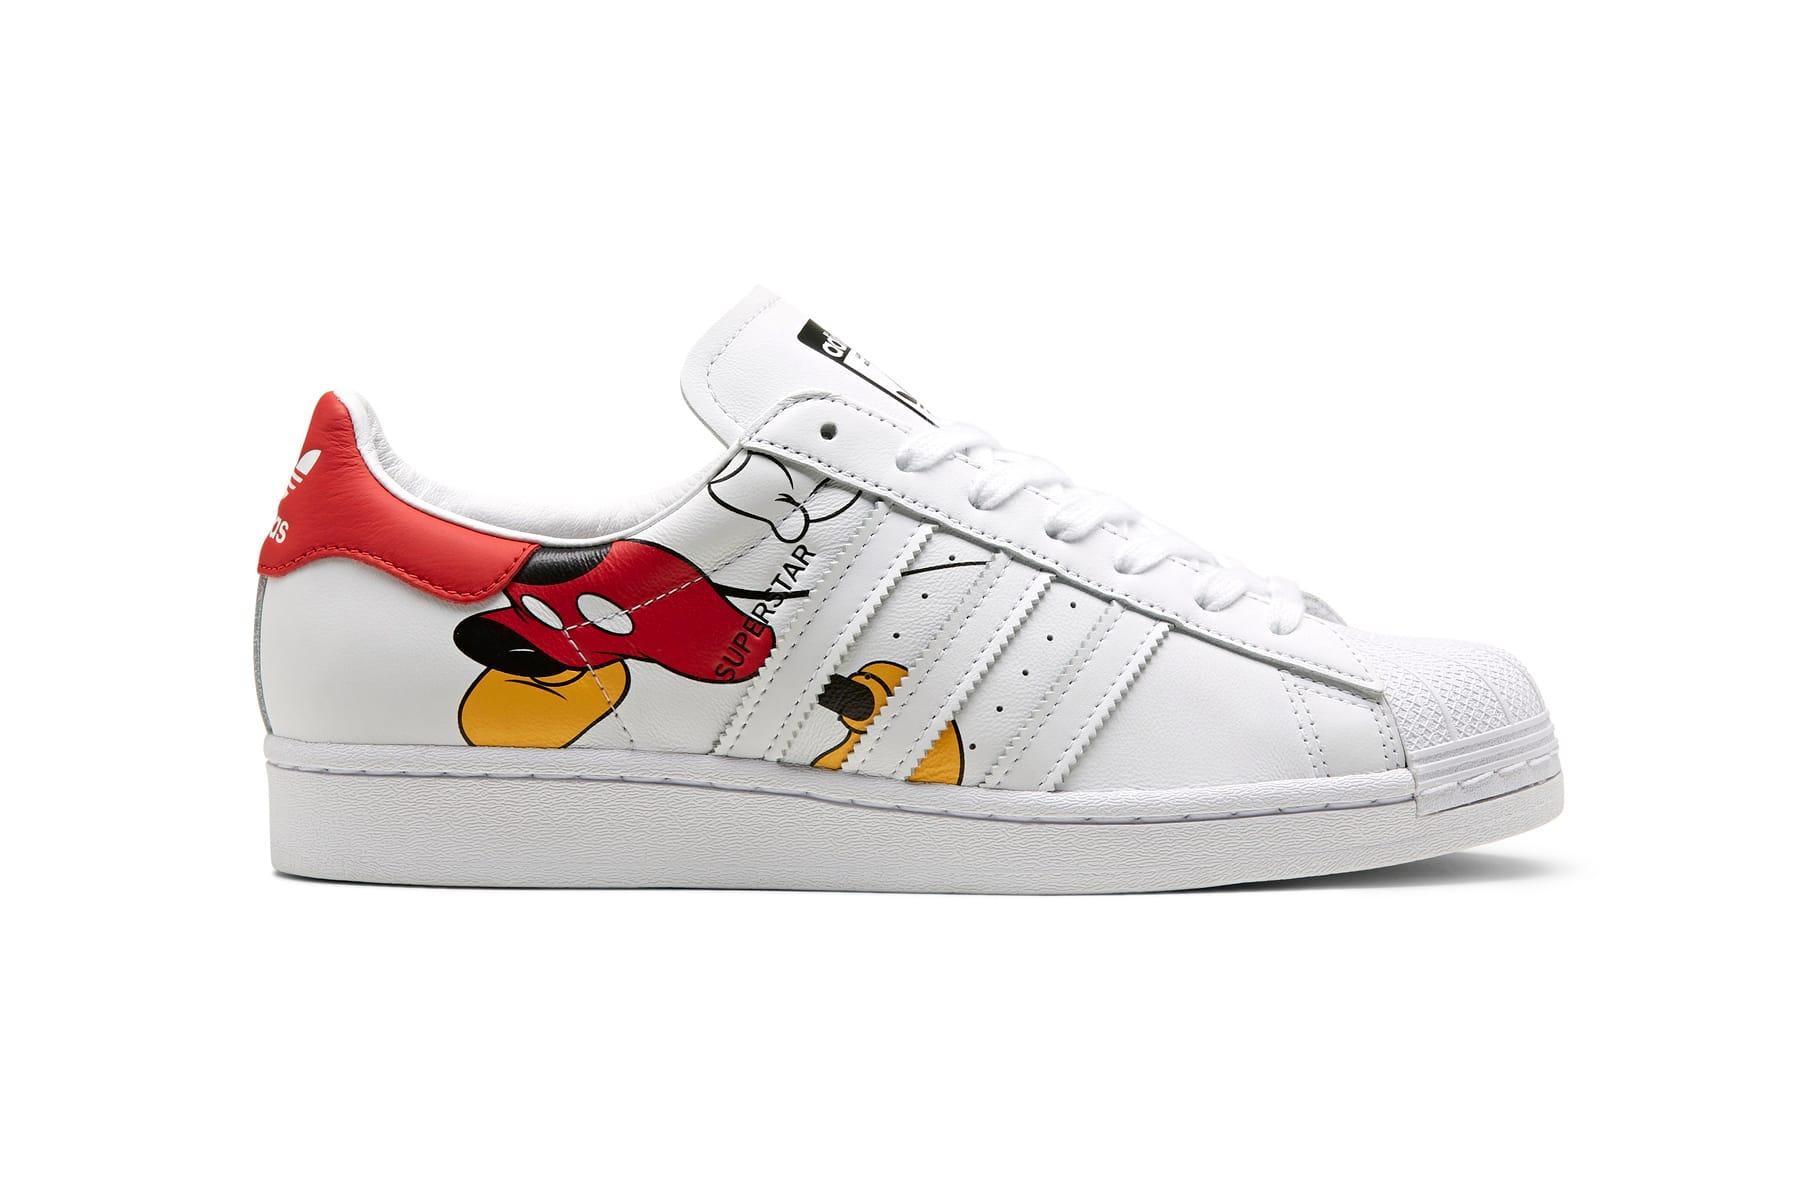 adidas Originals Chinese New Year